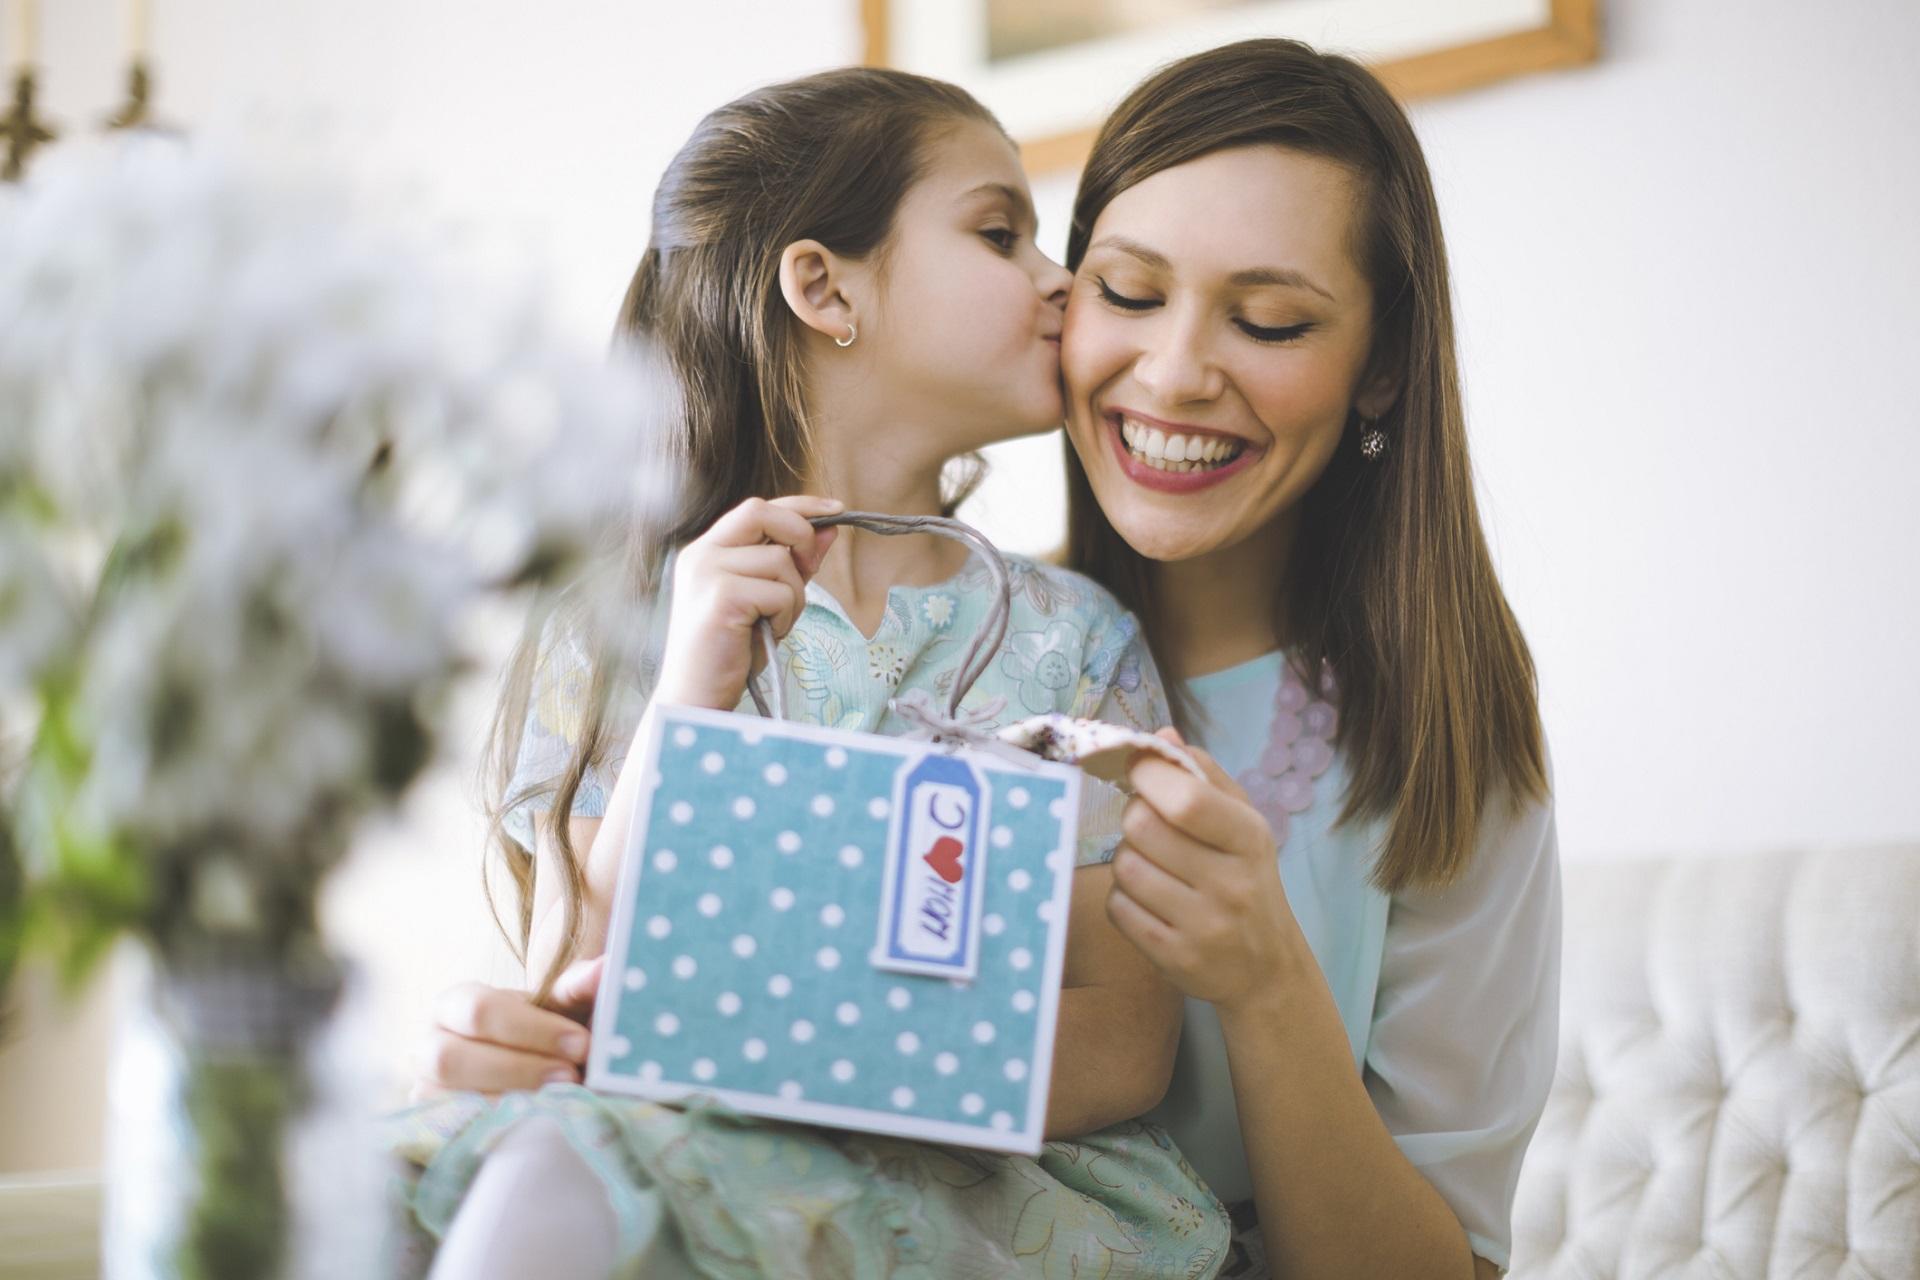 Alt-Tag: Kind übergibt ihrer Mama ein Geschenk zum Muttertag.